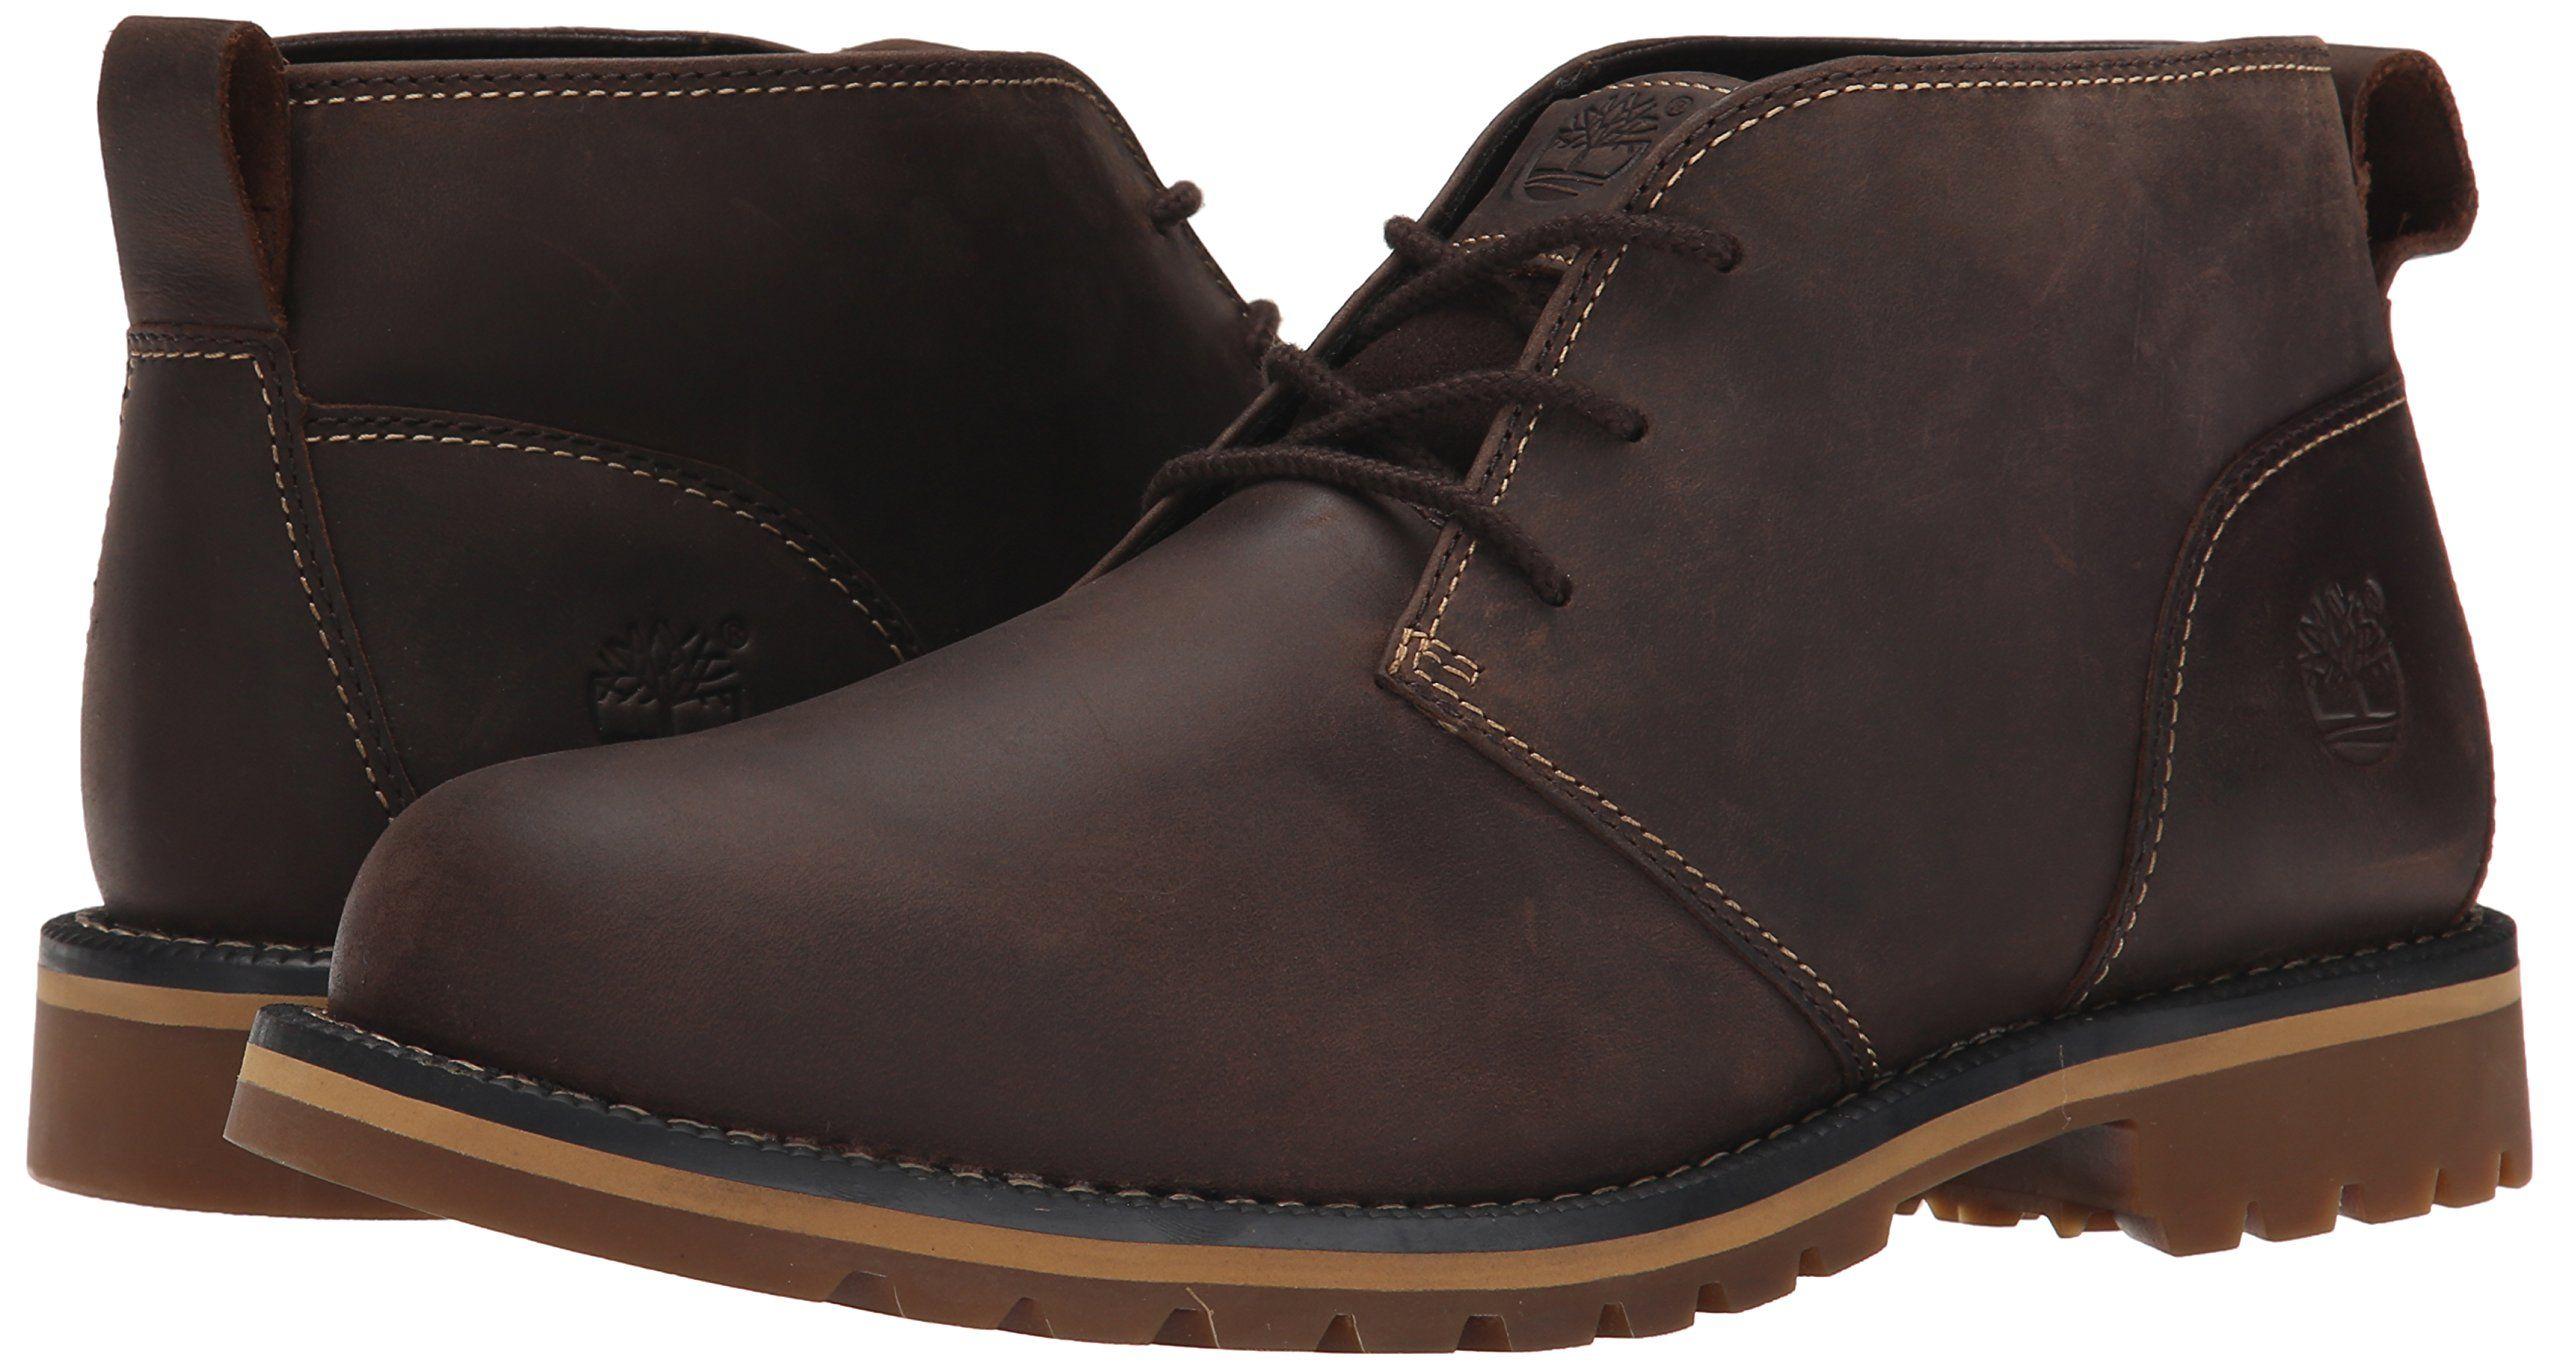 timberland grantly chukka boot care